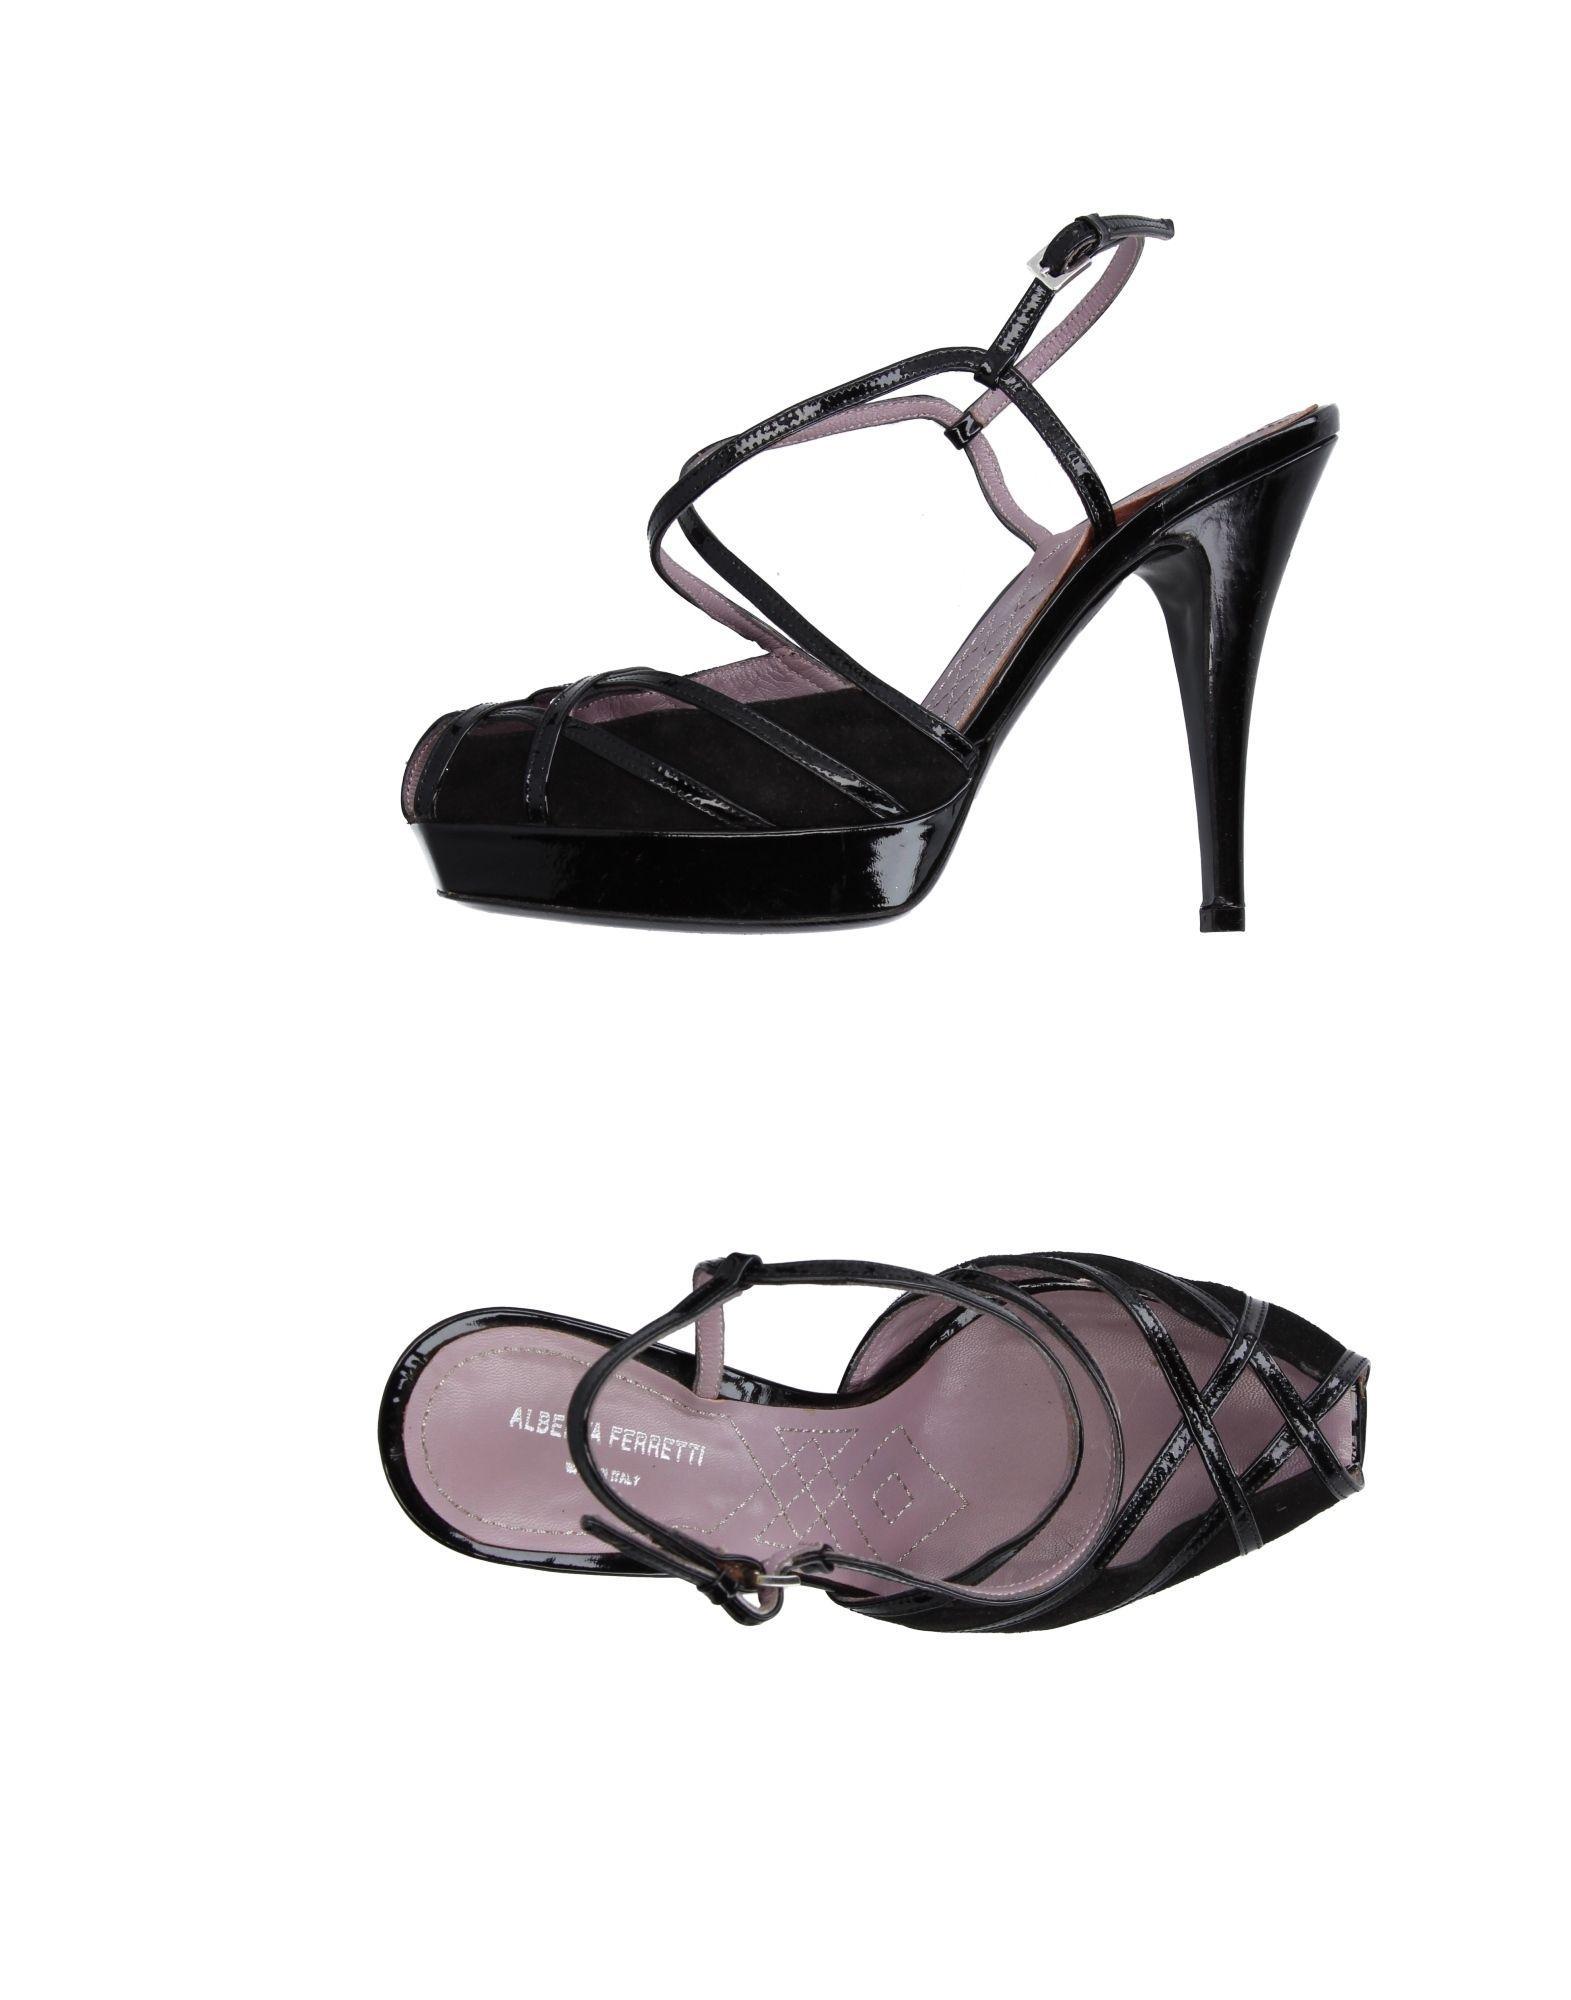 5181561847e0 Alberta ferretti Sandals in Black